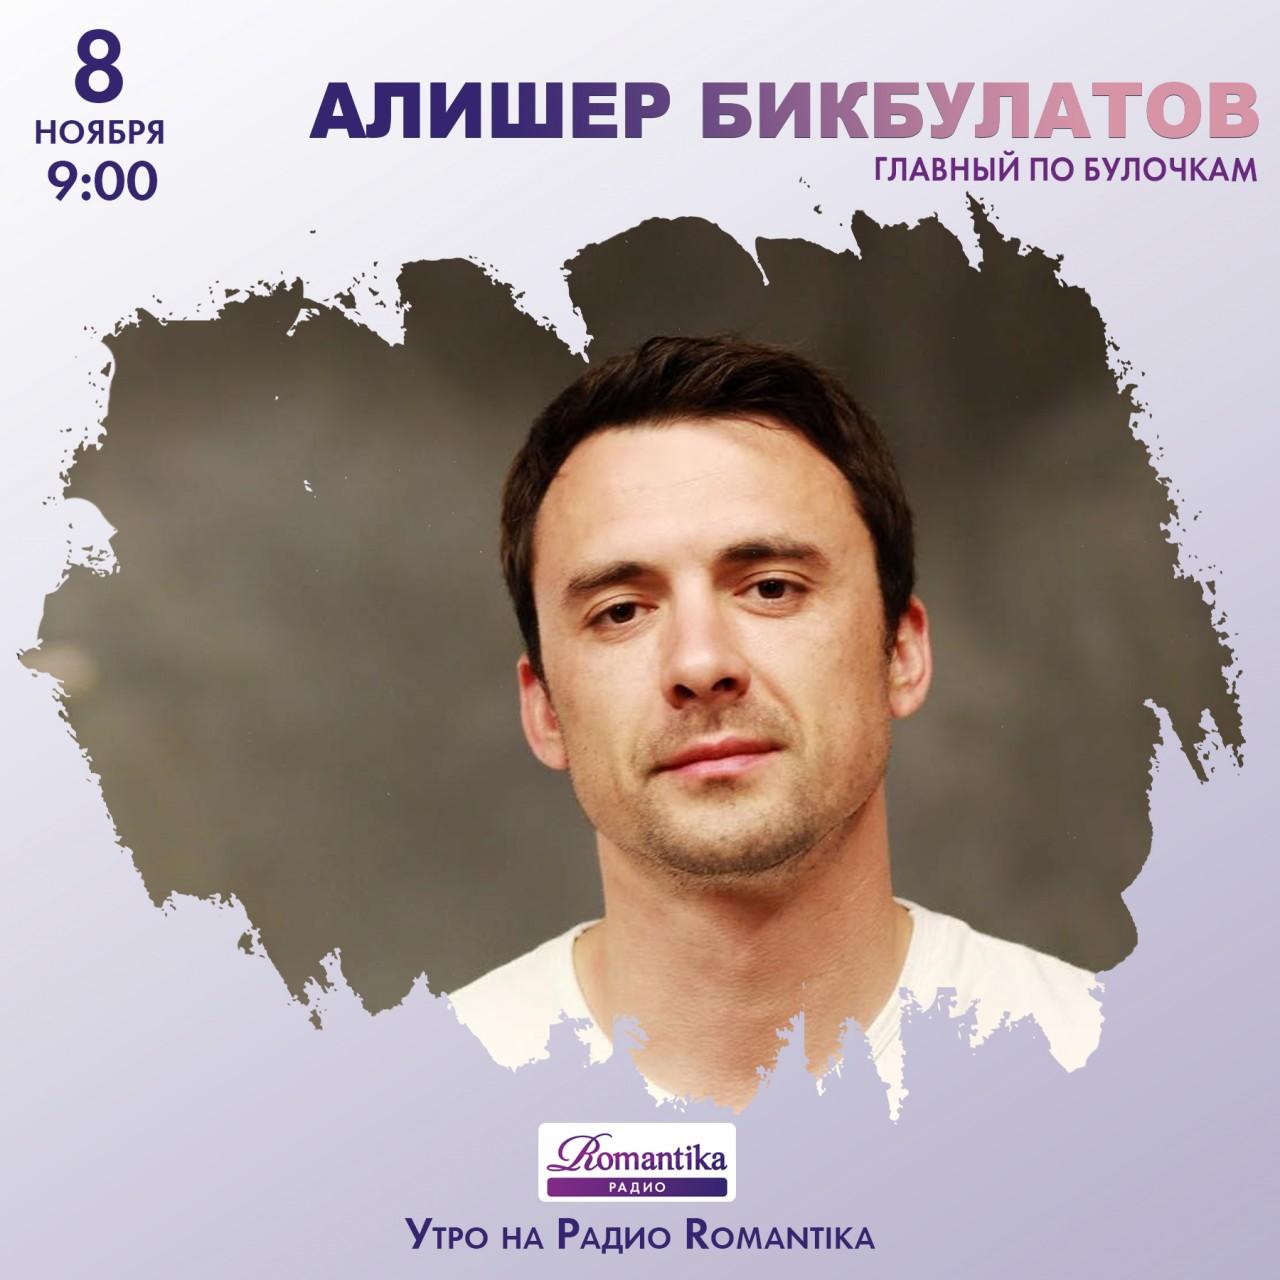 Радио Romantika: специалист …